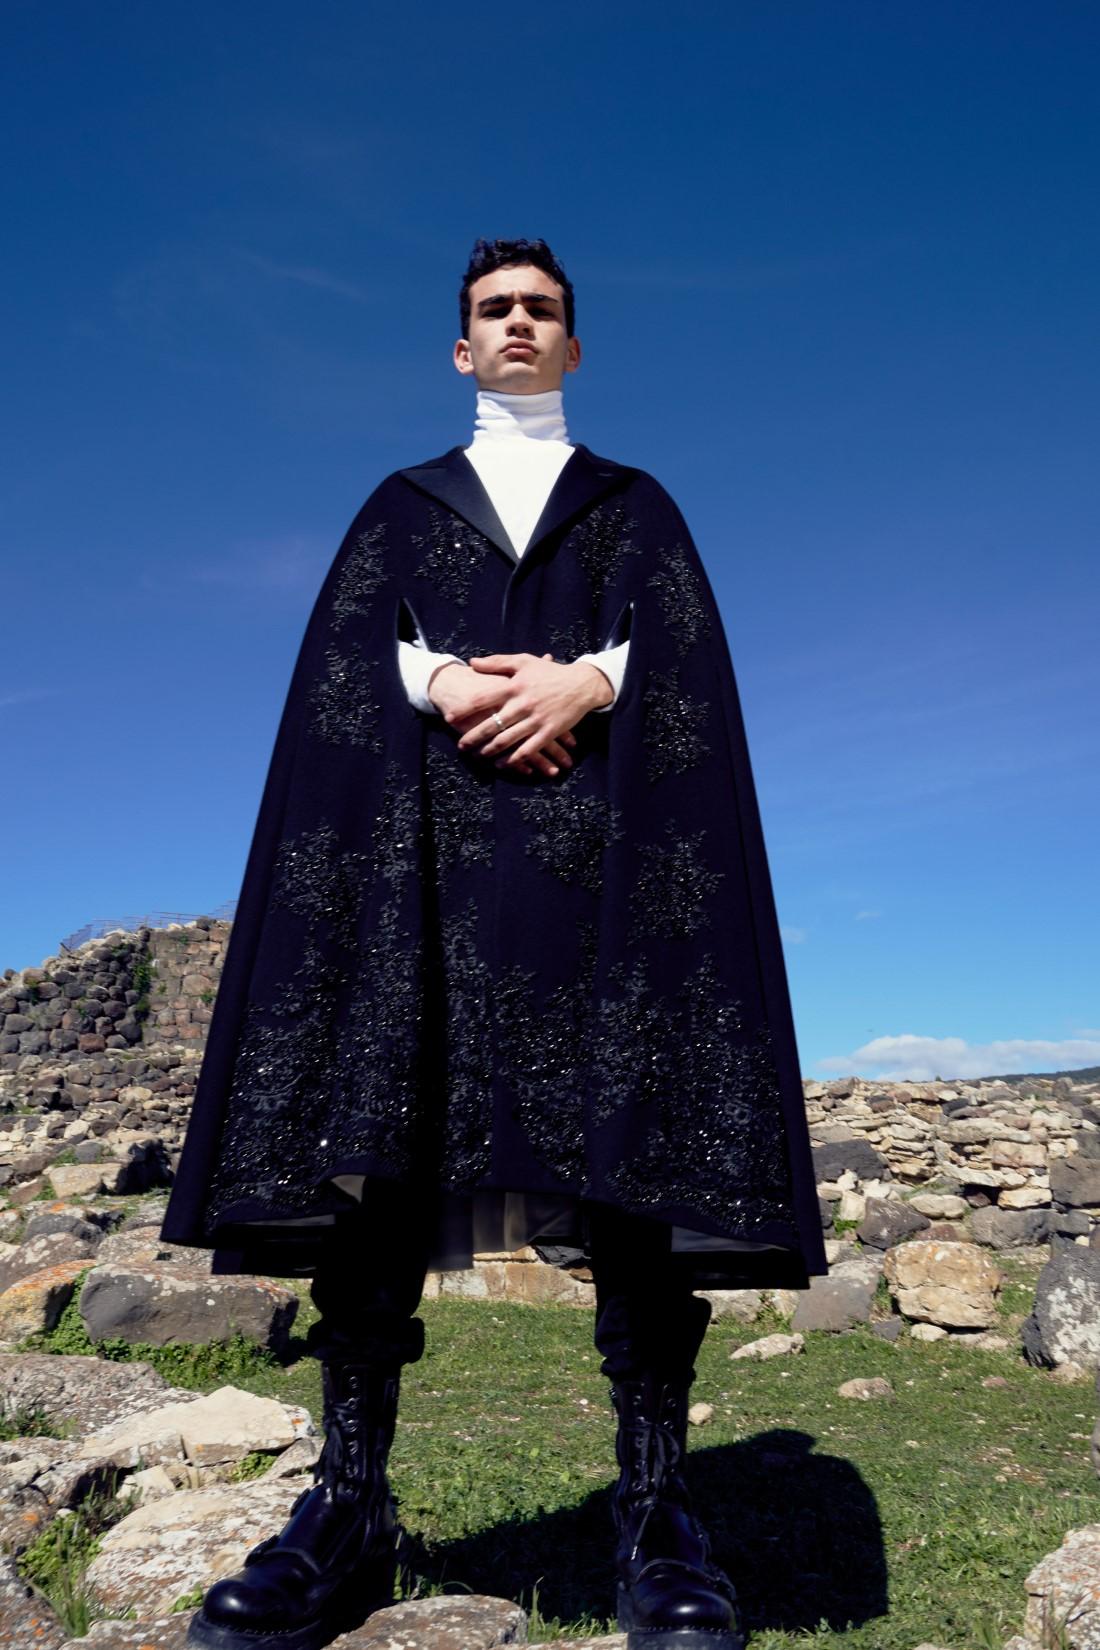 Antonio Marras - Automne-Hiver 2021 - Milan Fashion WeekAntonio Marras - Automne-Hiver 2021 - Milan Fashion Week